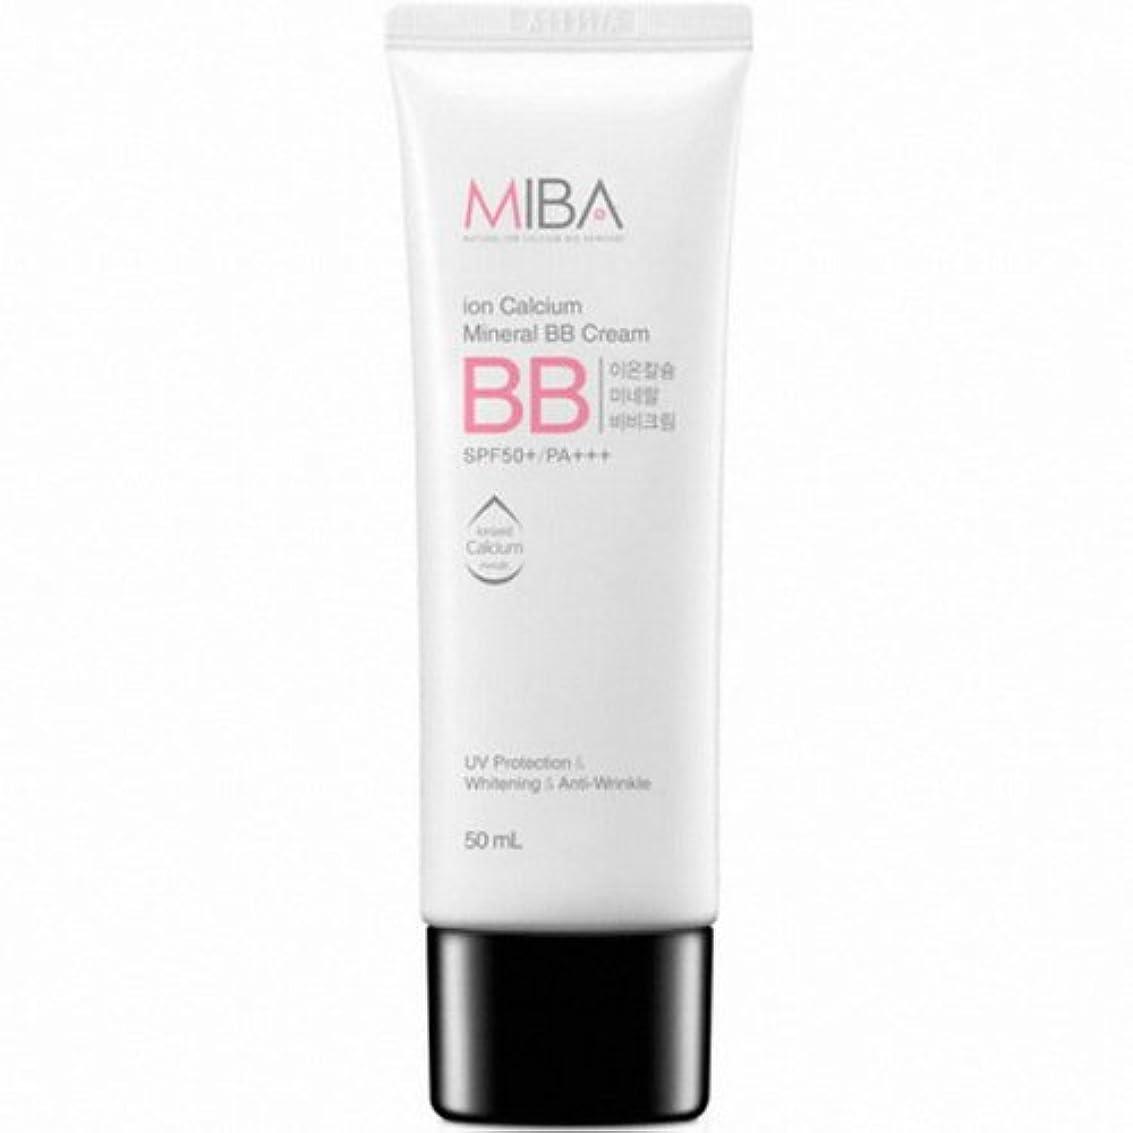 心から動的添付MINERALBIO (ミネラルバイオ) ミバ イオン カルシウム ミネラル ビビクリーム / MIBA Ion Calcium Mineral BB Cream (50ml) [並行輸入品]